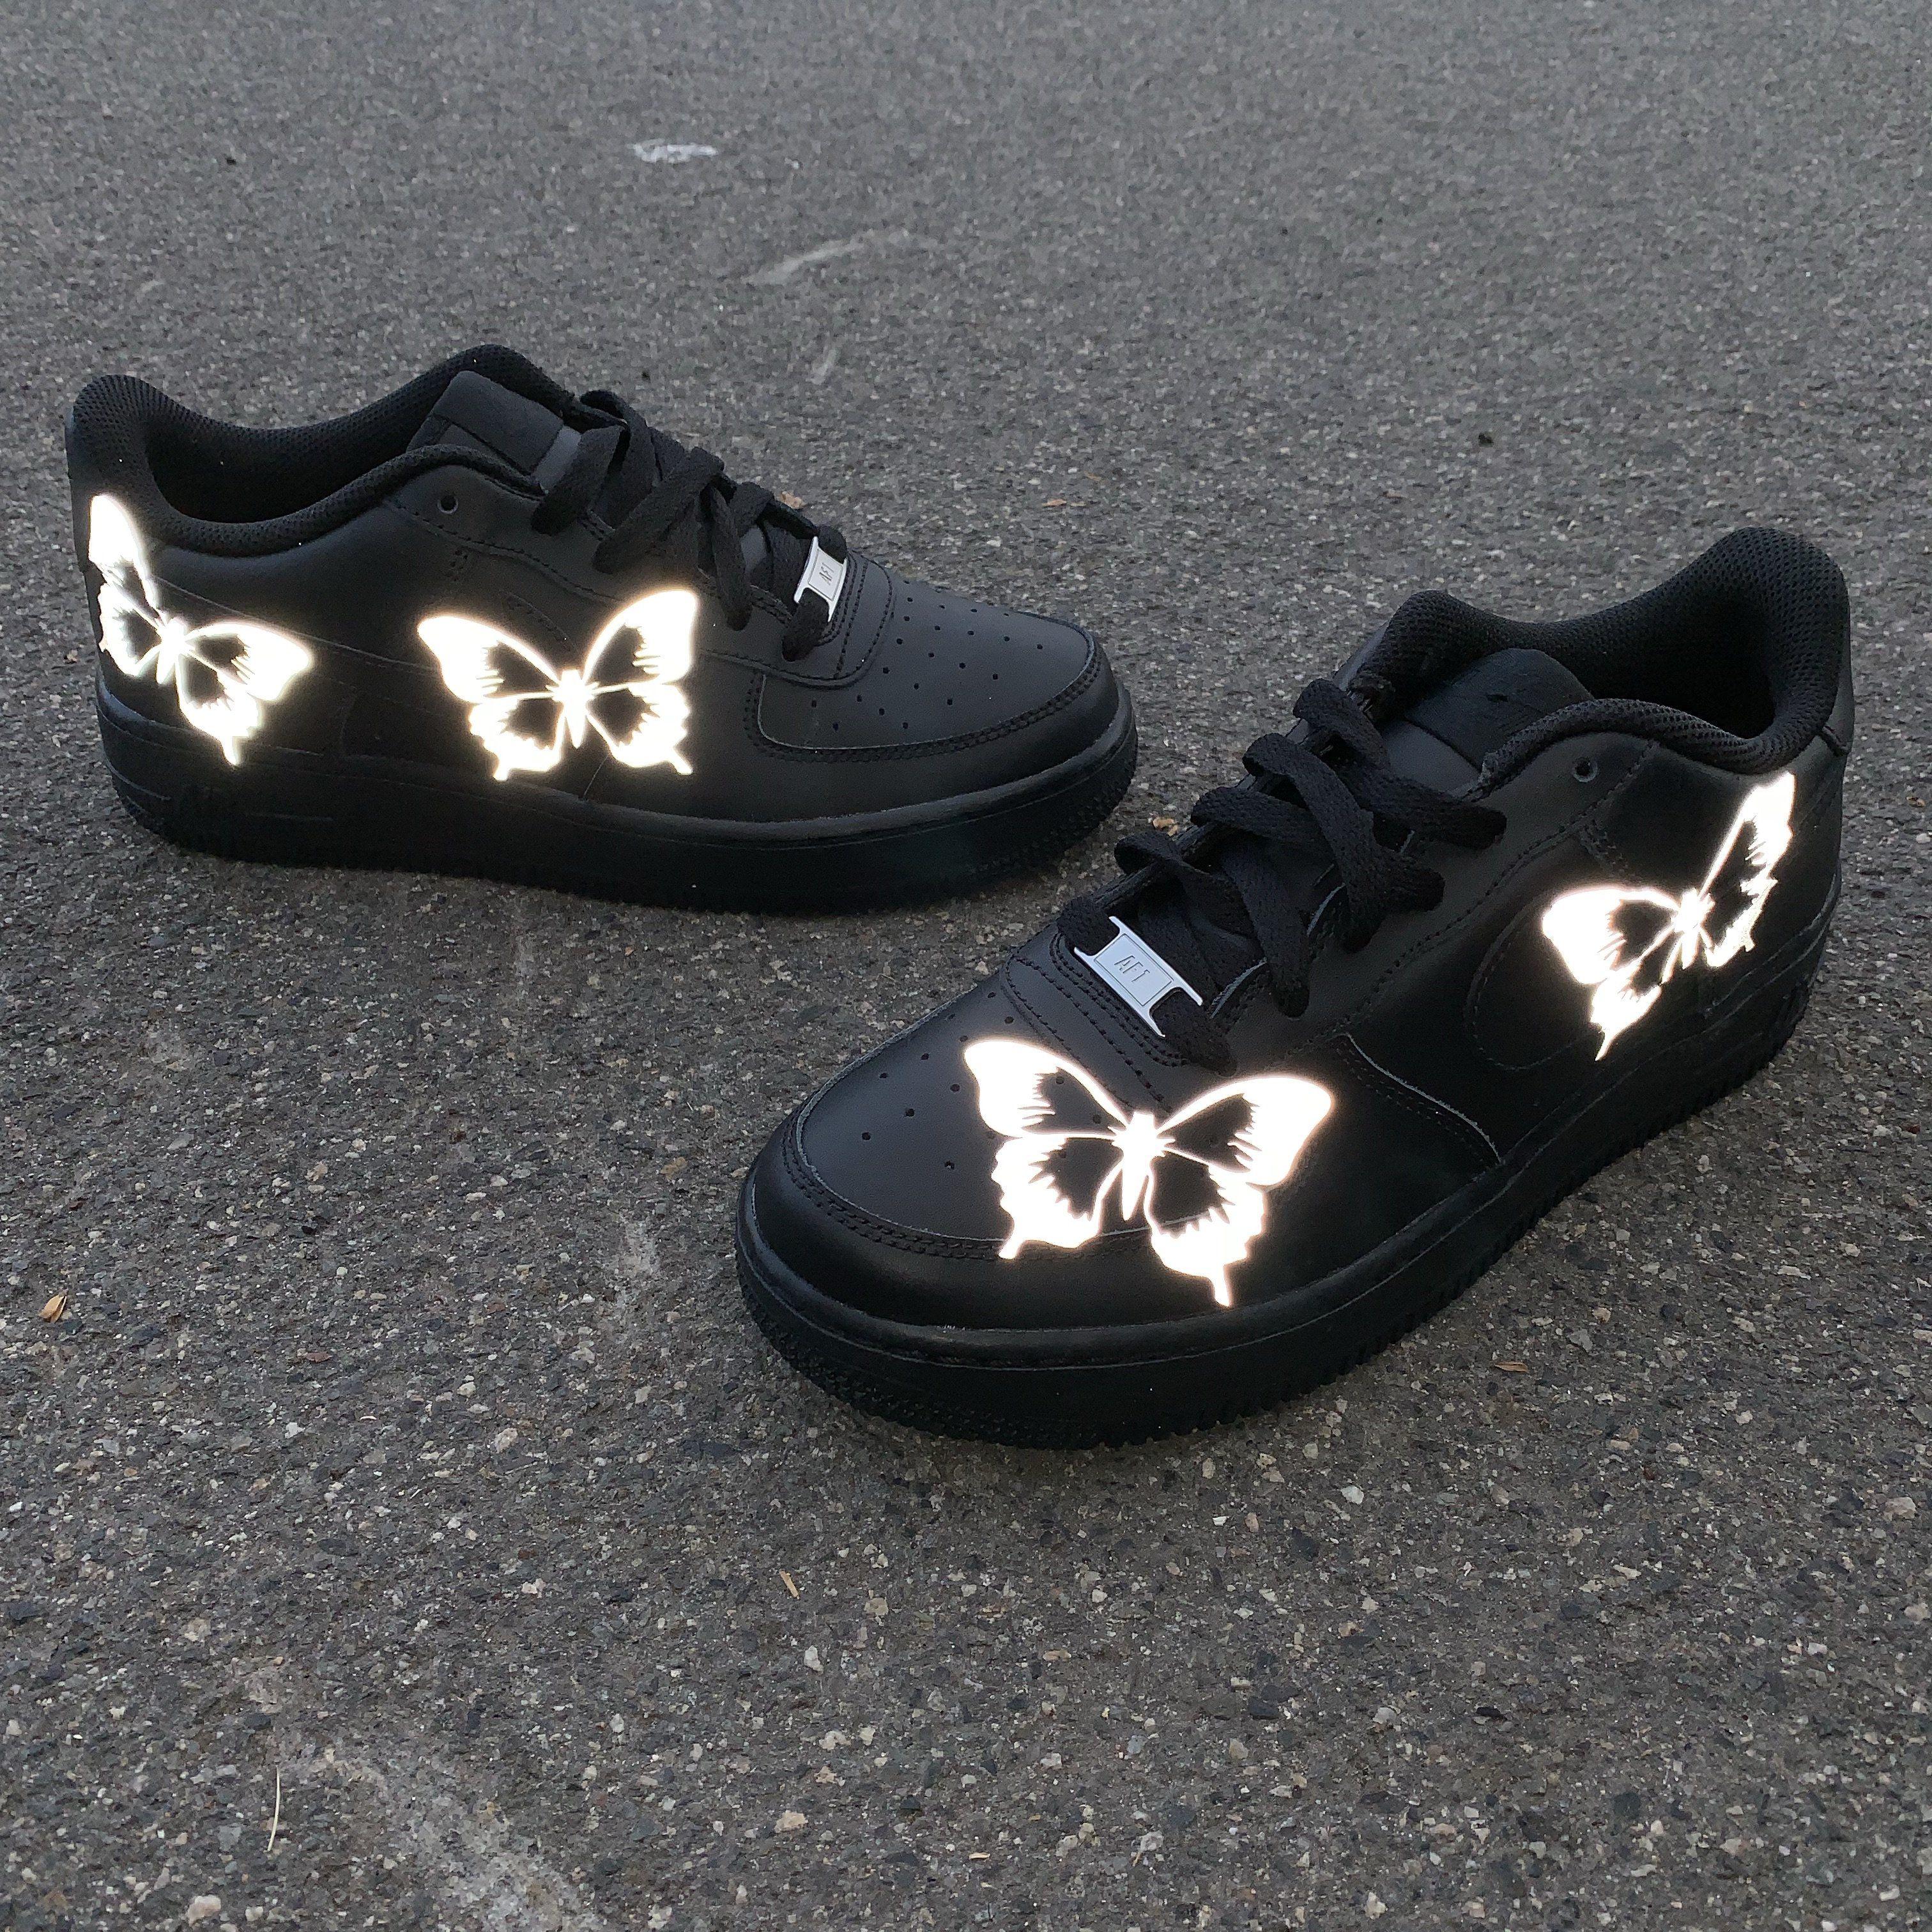 3M Reflective Butterfly AF1 Custom Nuwavezz Nike af1